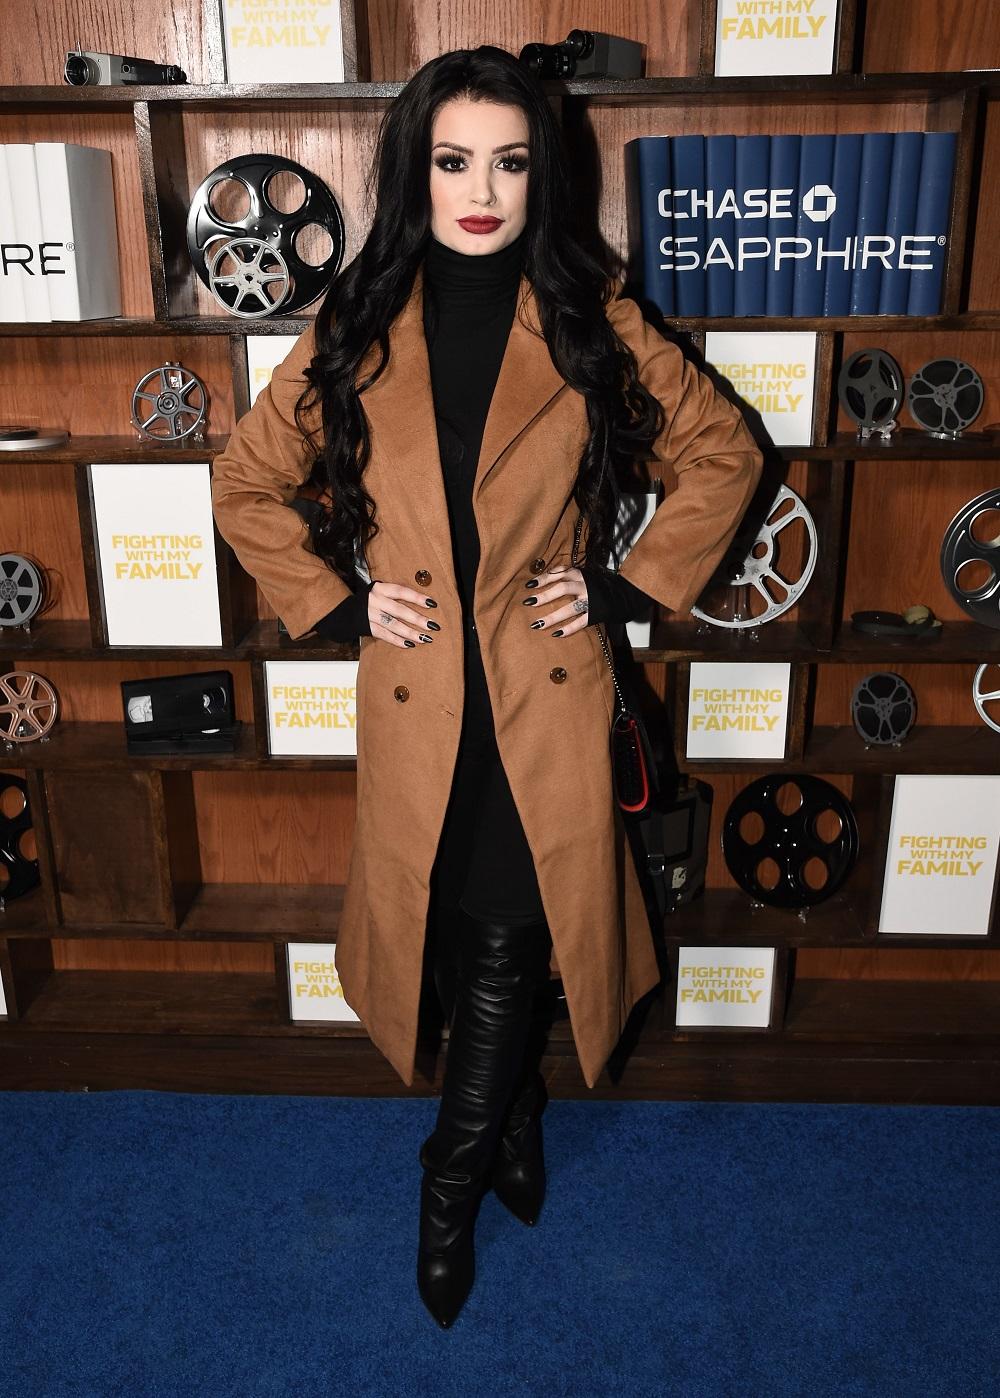 Actress Saraya-Jade Bevis